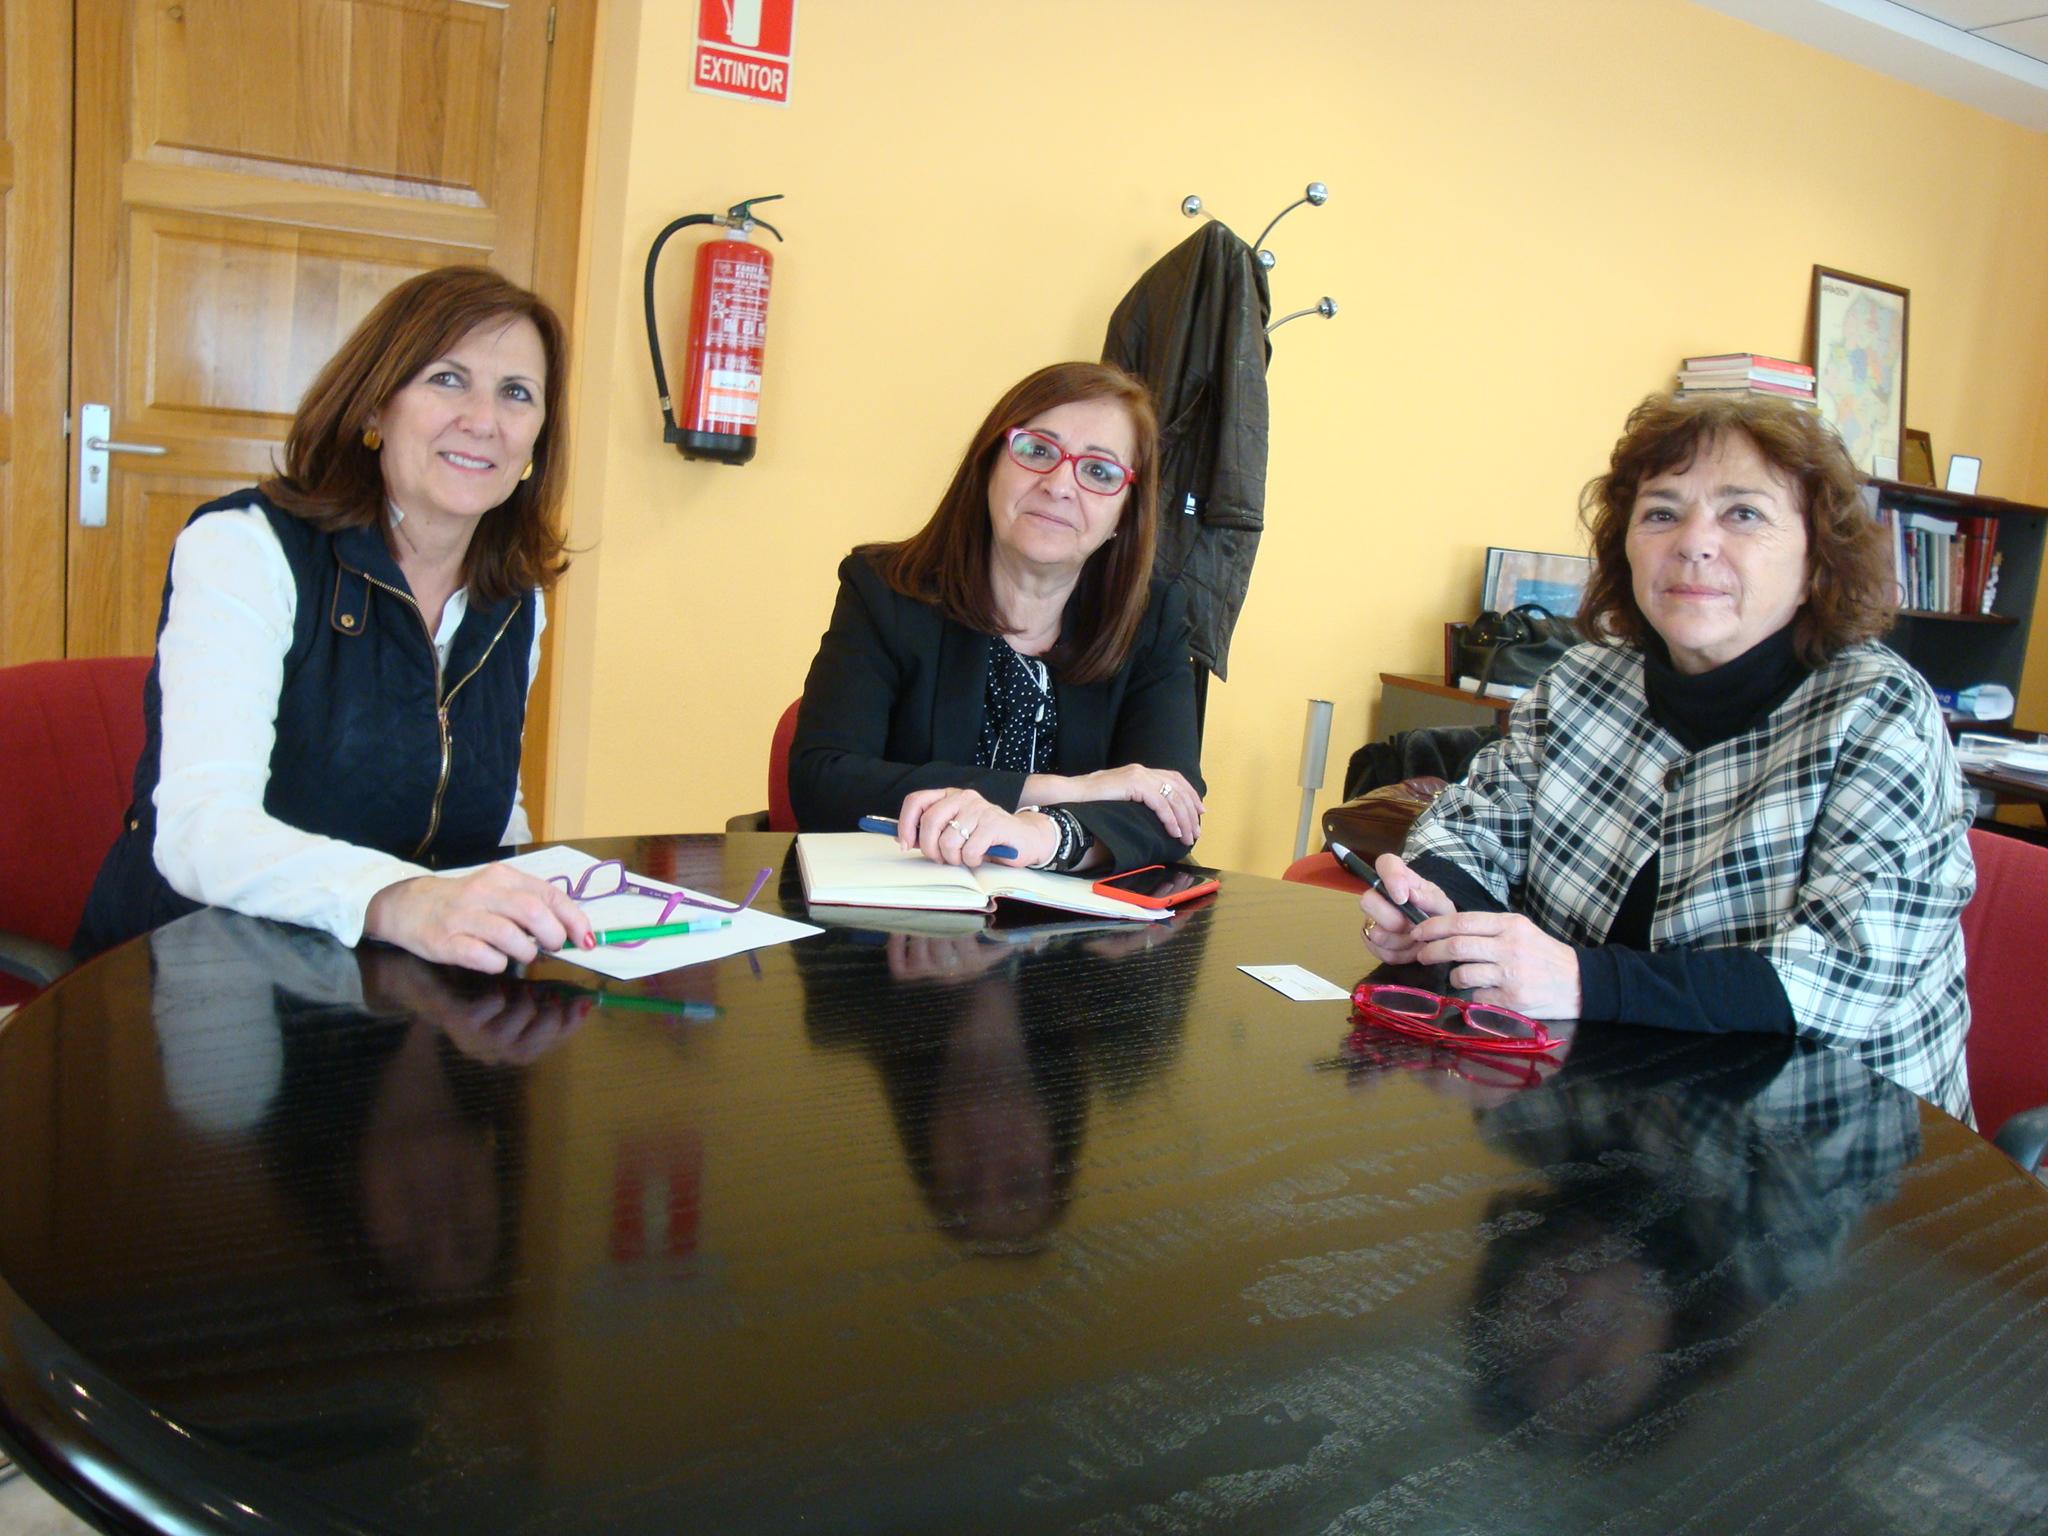 Desde la derecha, Mª Carmen Tricas, presidenta de la Asociación Celíaca Aragonesa, Carmen Sánchez, presidenta de la FAMCP, y María Luisa Alcalá, técnica de la Asociación.